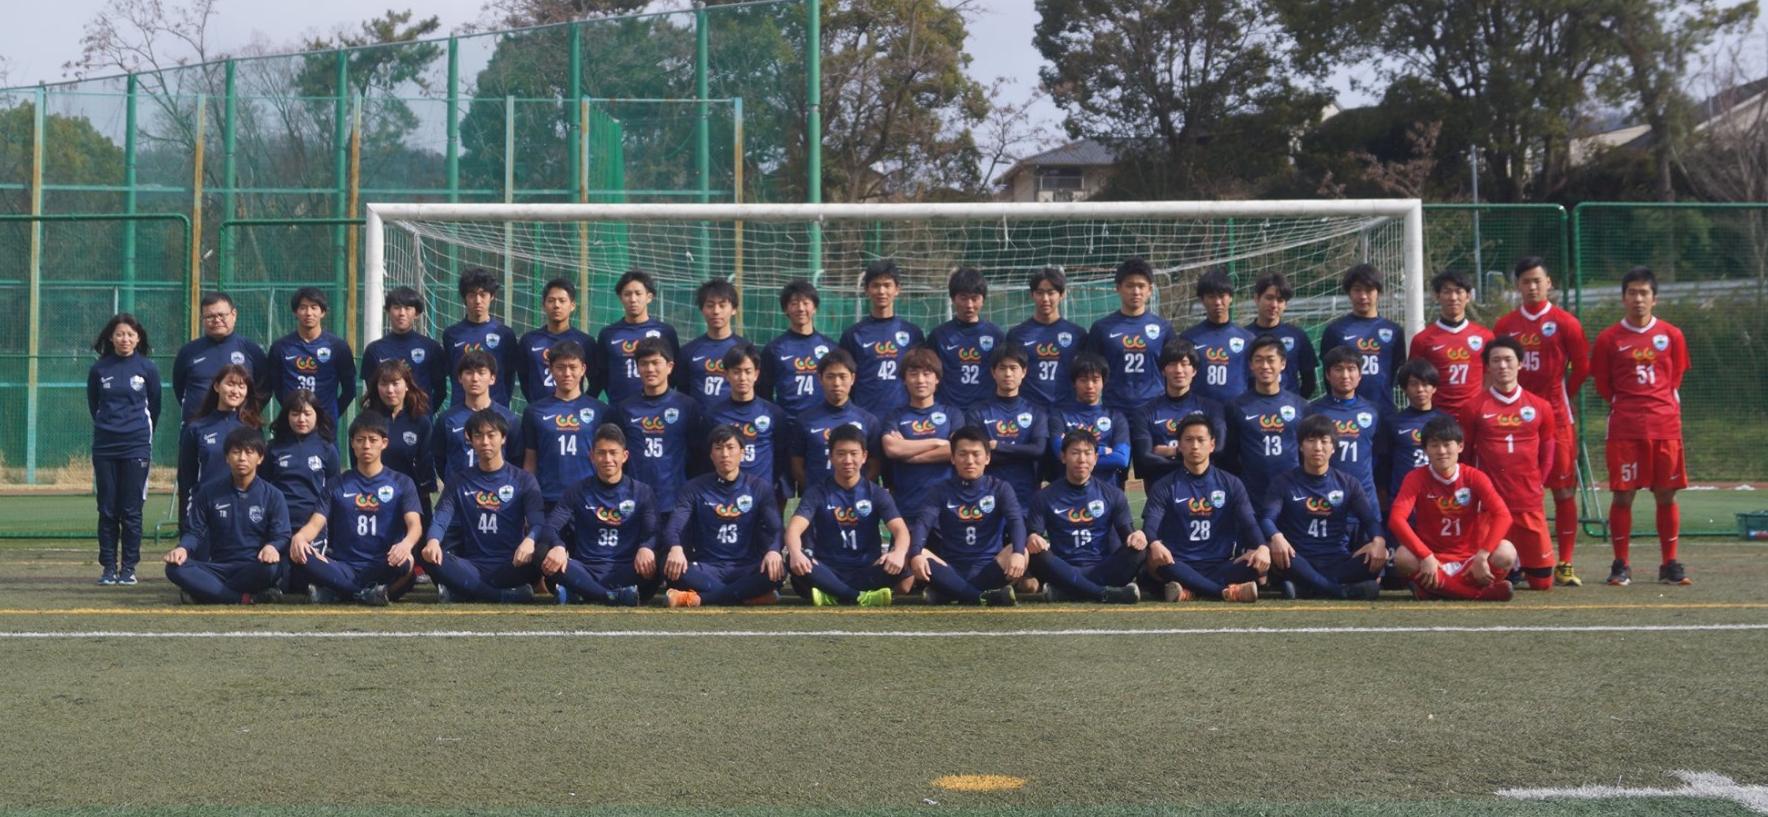 サッカー 新入生 大学 大学サッカー情報 ~関西地区~